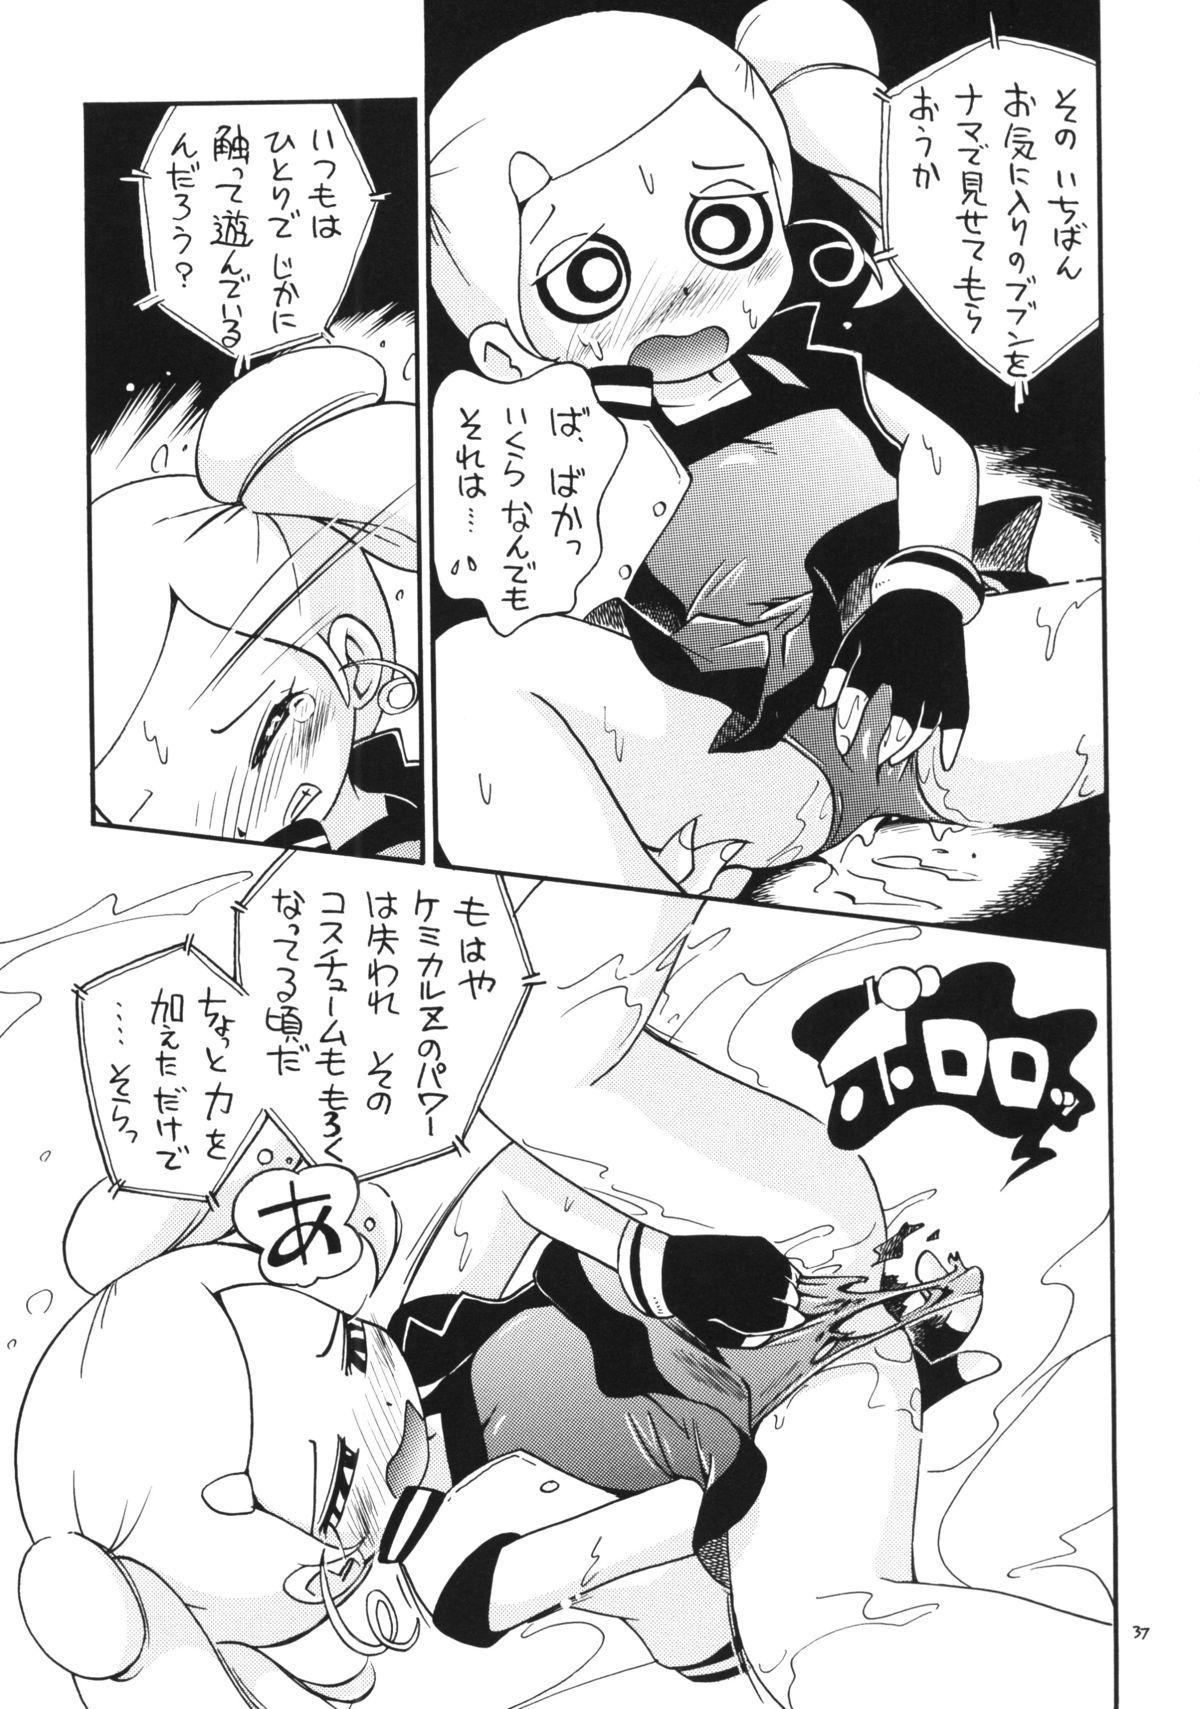 Demashita 34